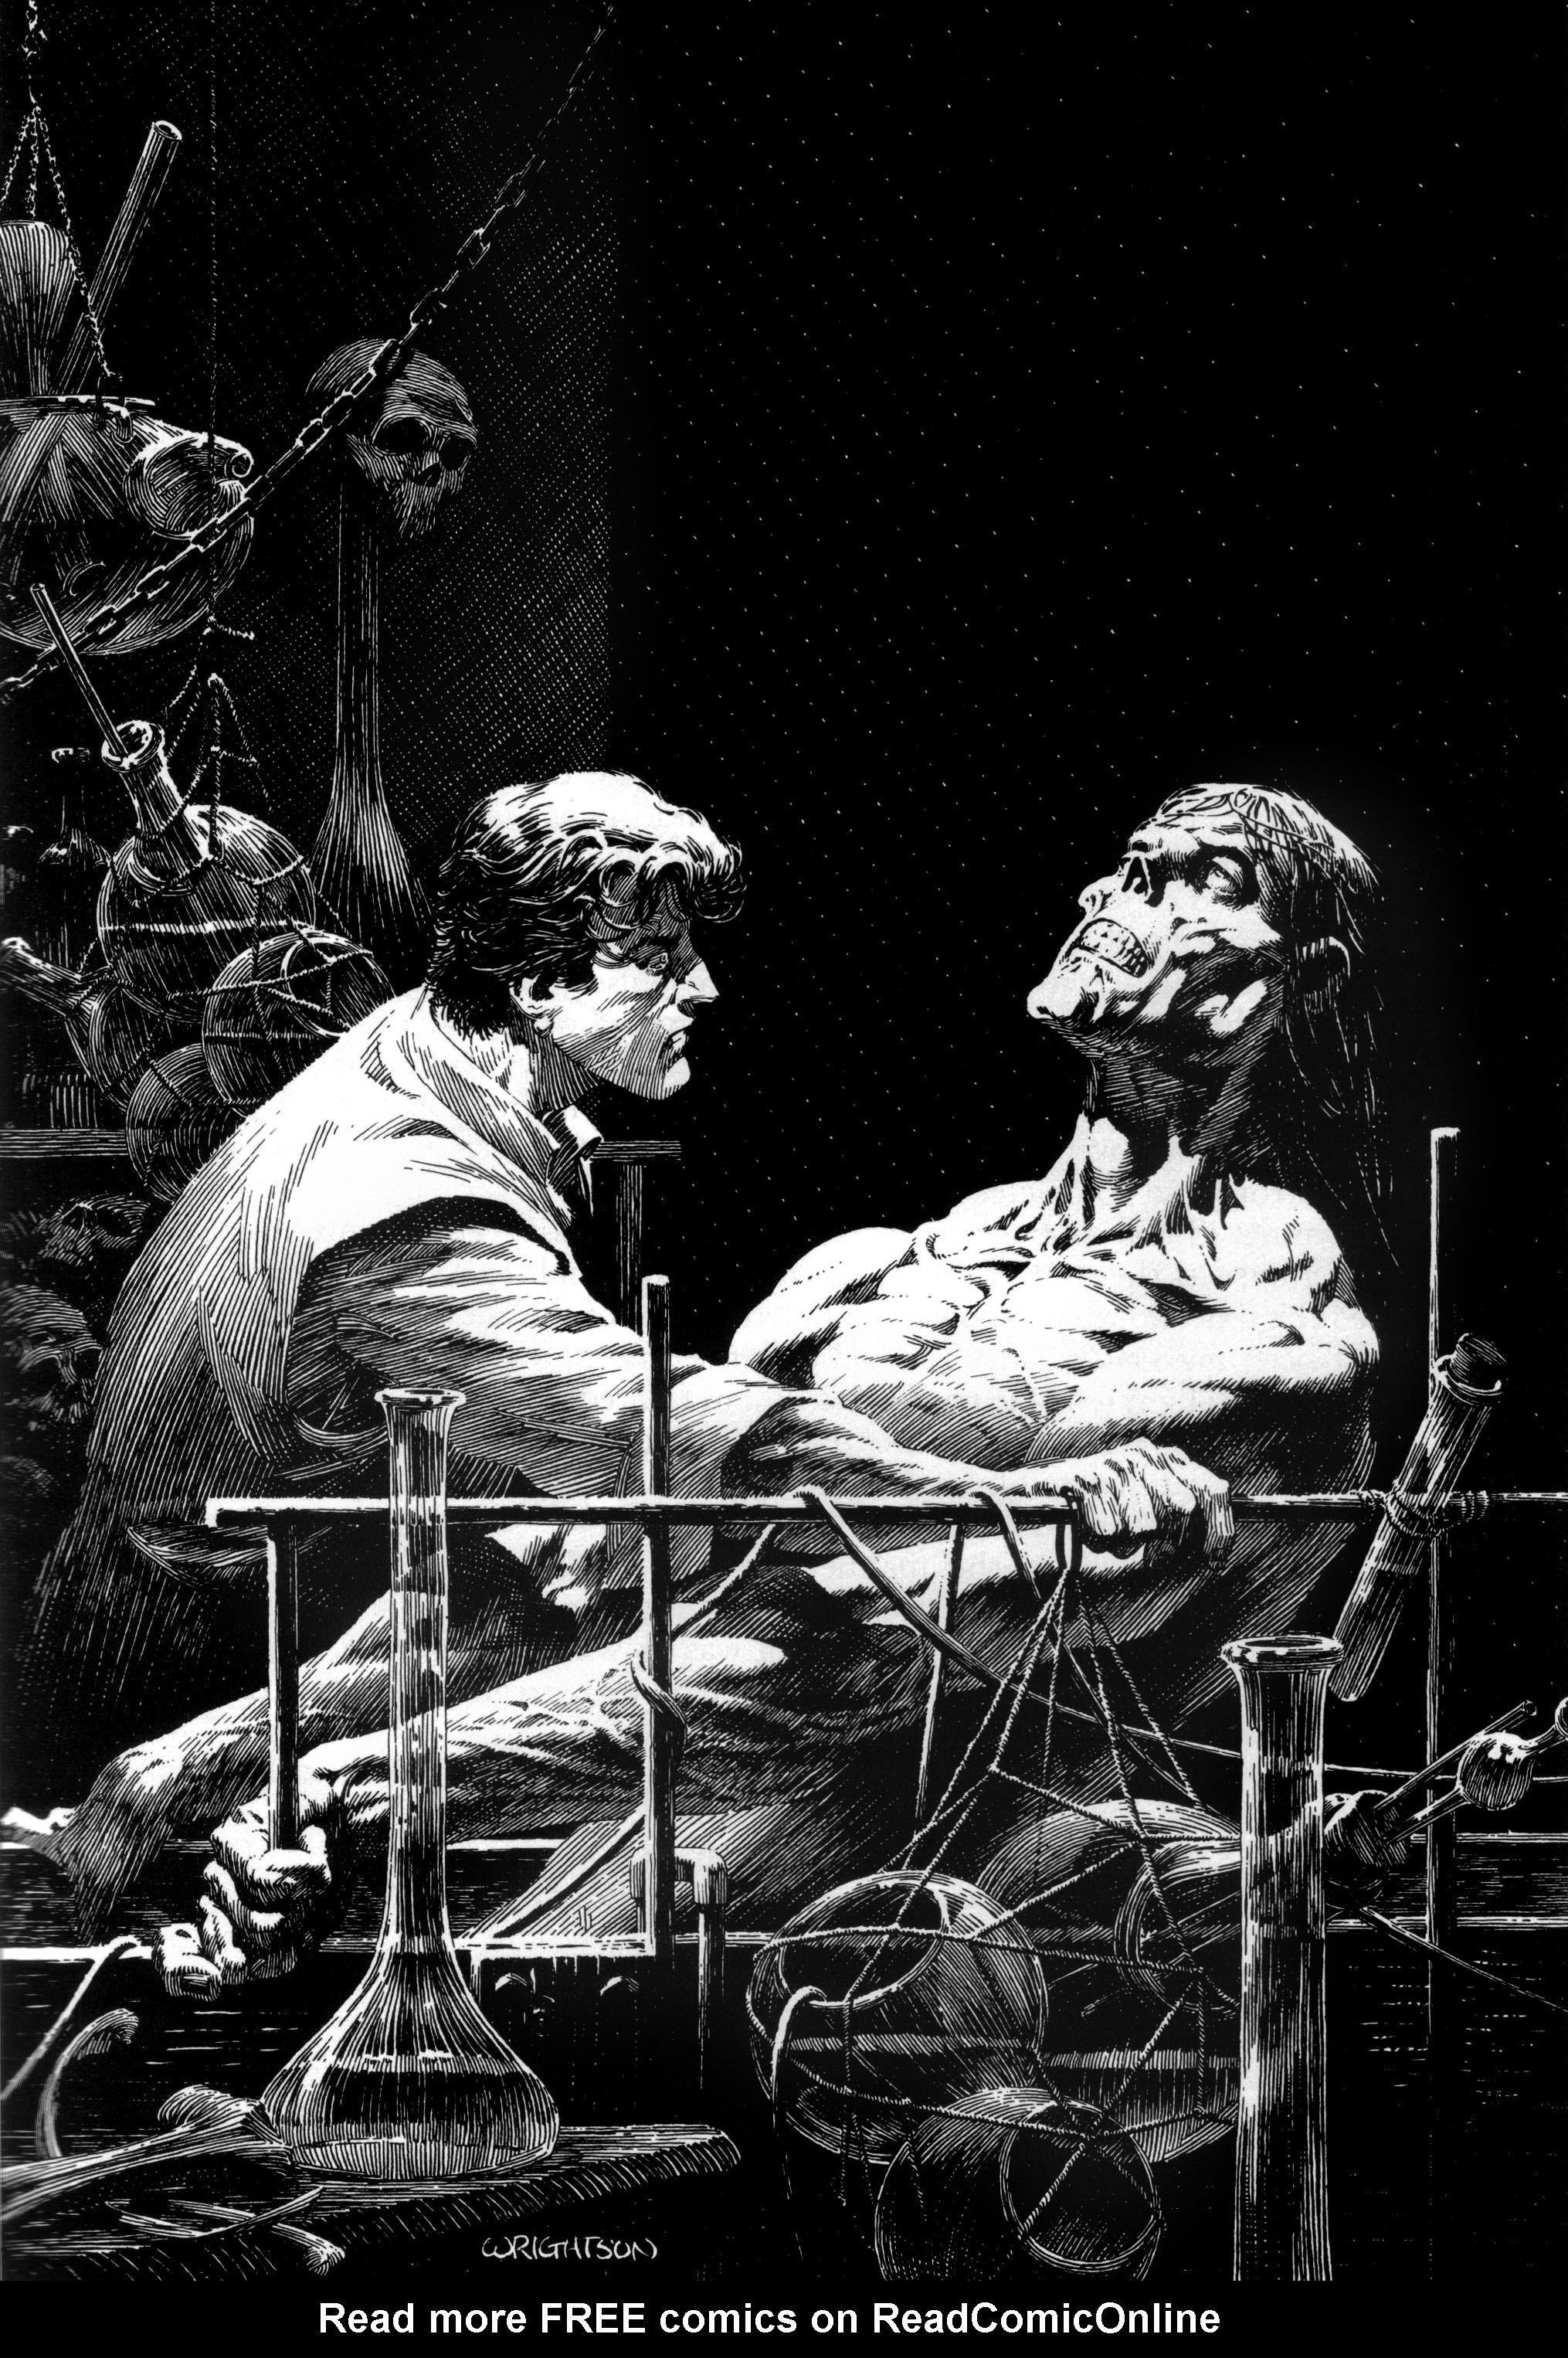 Read online Bernie Wrightson's Frankenstein comic -  Issue # Full - 11